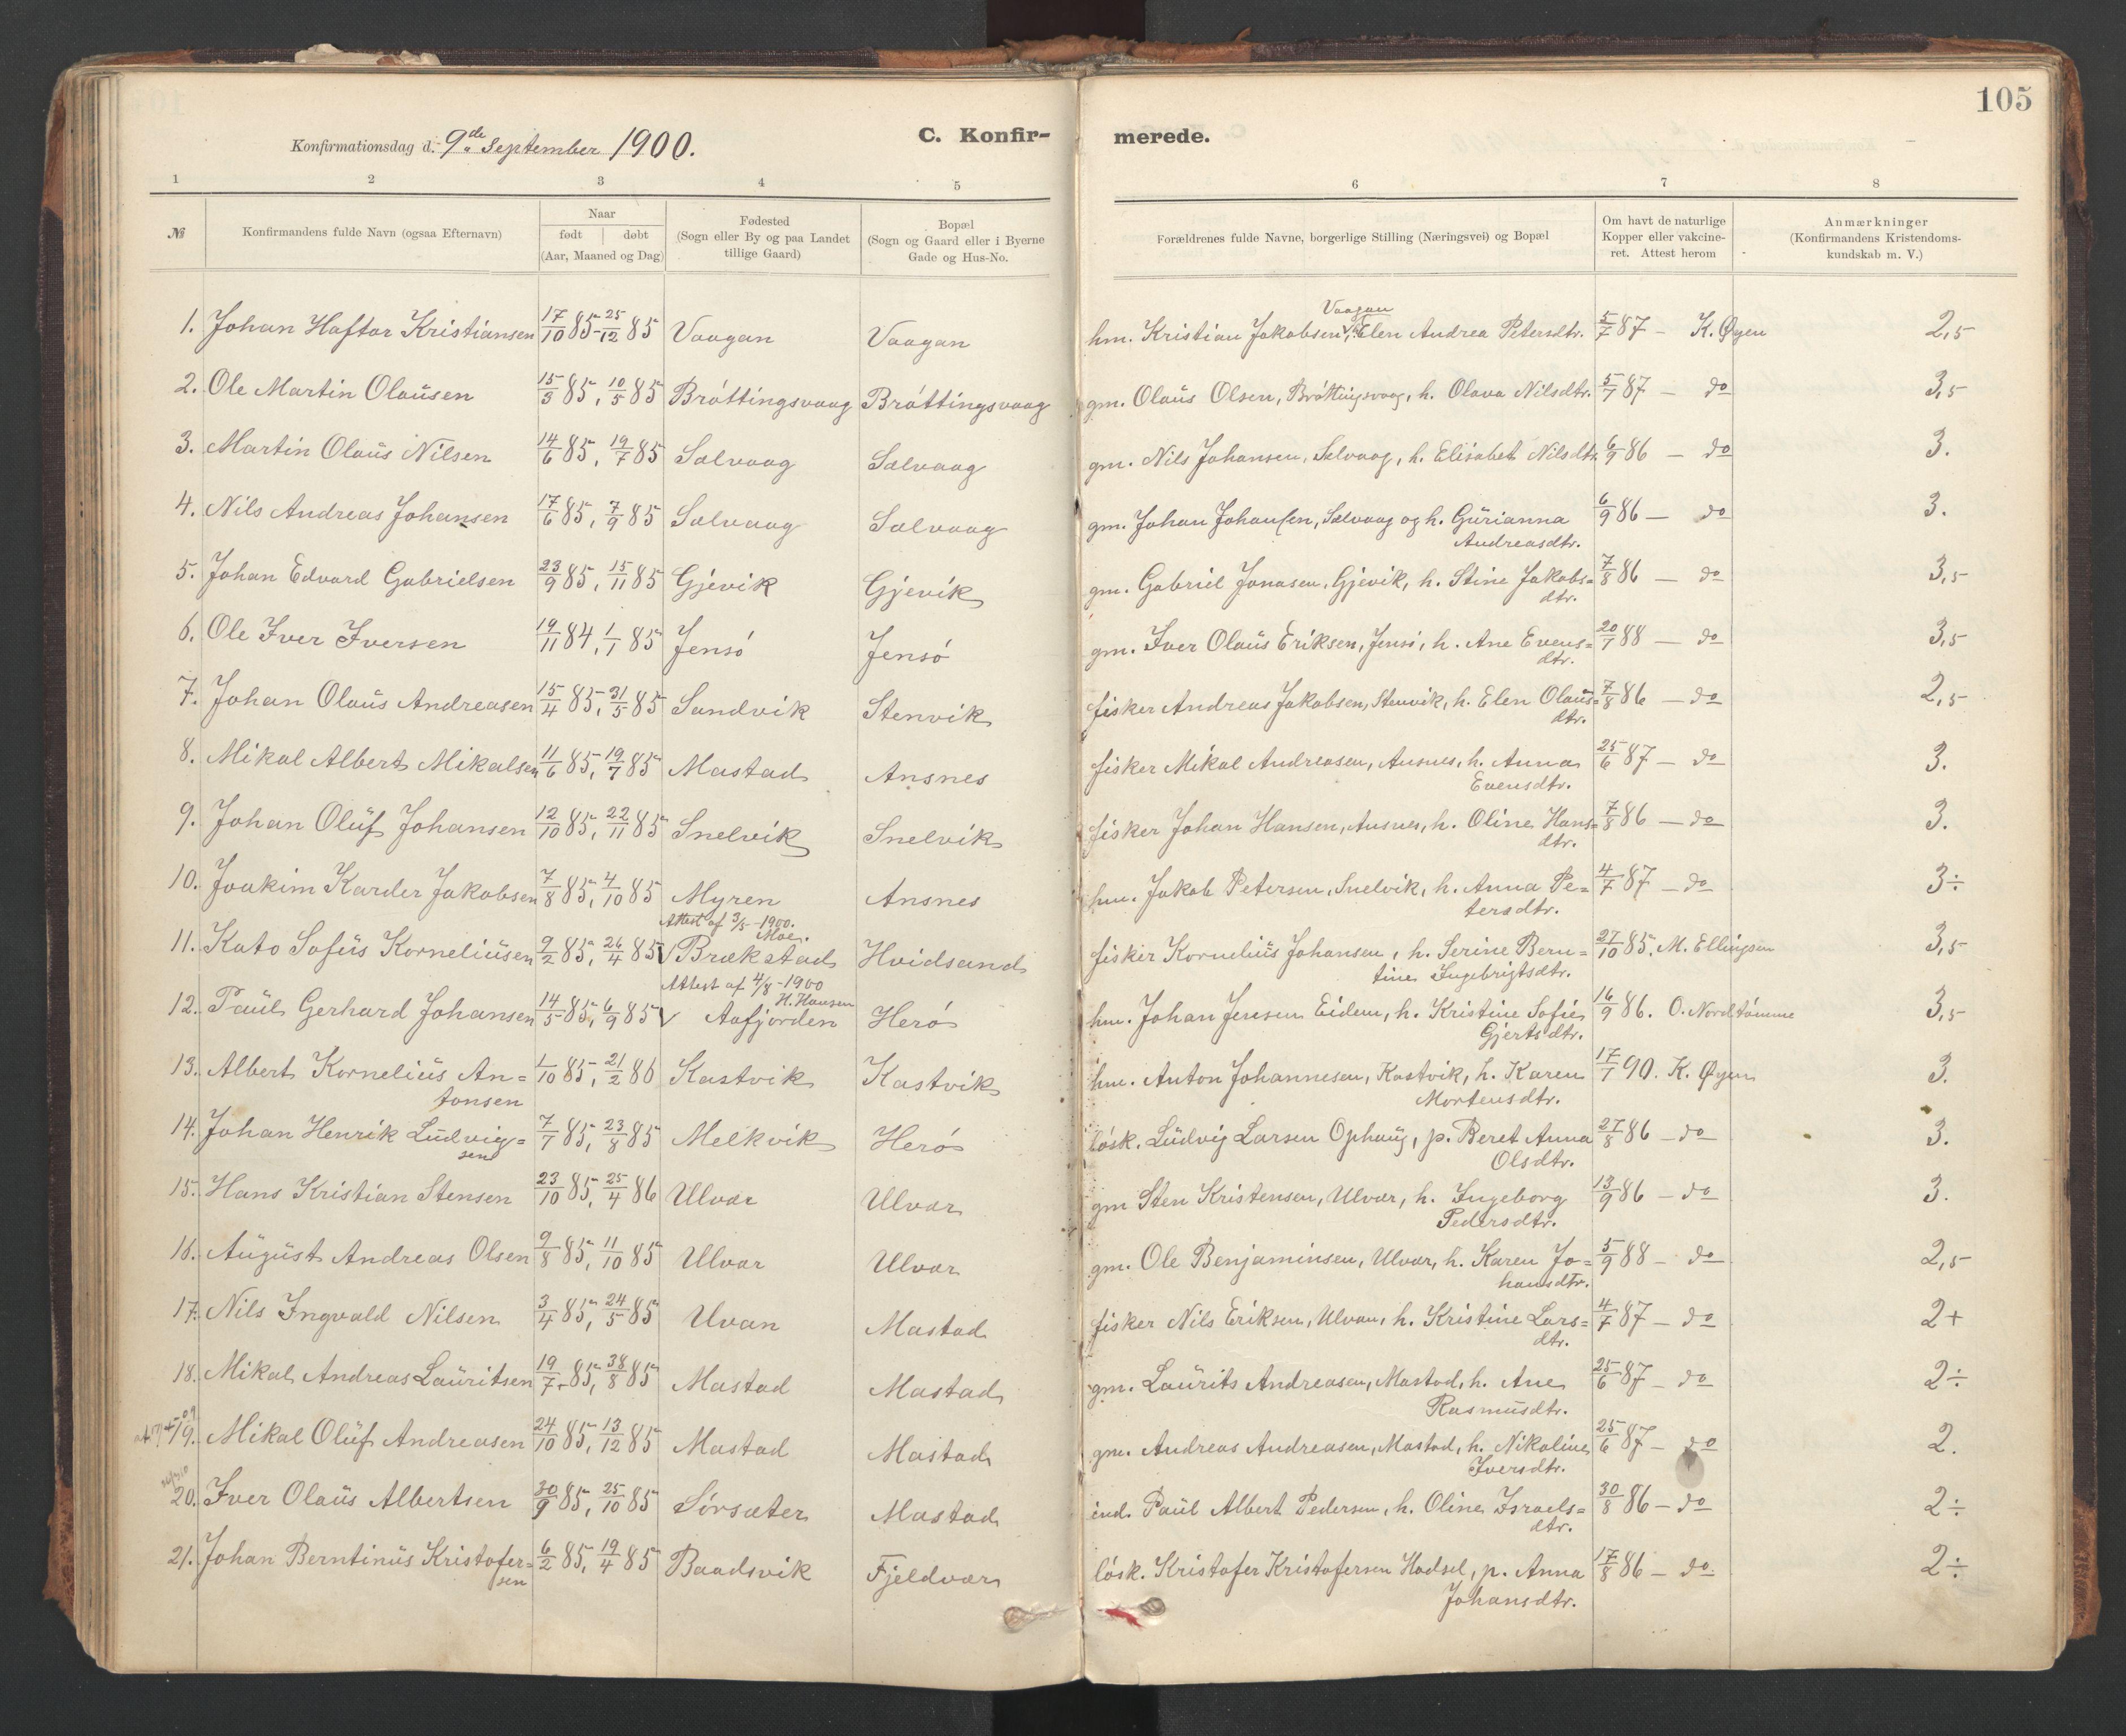 SAT, Ministerialprotokoller, klokkerbøker og fødselsregistre - Sør-Trøndelag, 637/L0559: Ministerialbok nr. 637A02, 1899-1923, s. 105